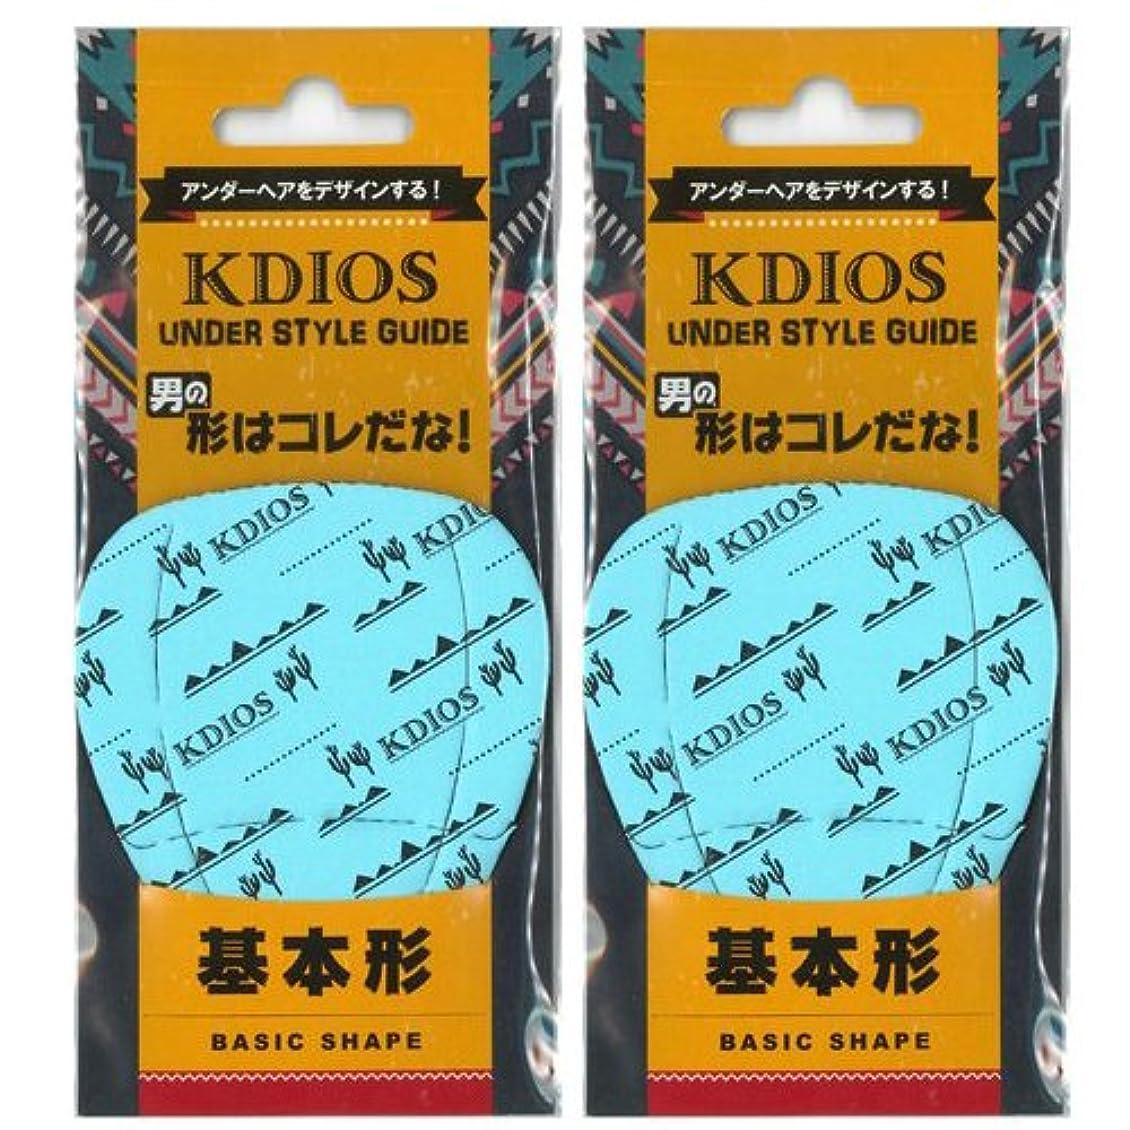 破壊的販売員シネウィKDIOS(ケディオス) アンダースタイルガイド 「基本形」 FOR MEN ×2個セット